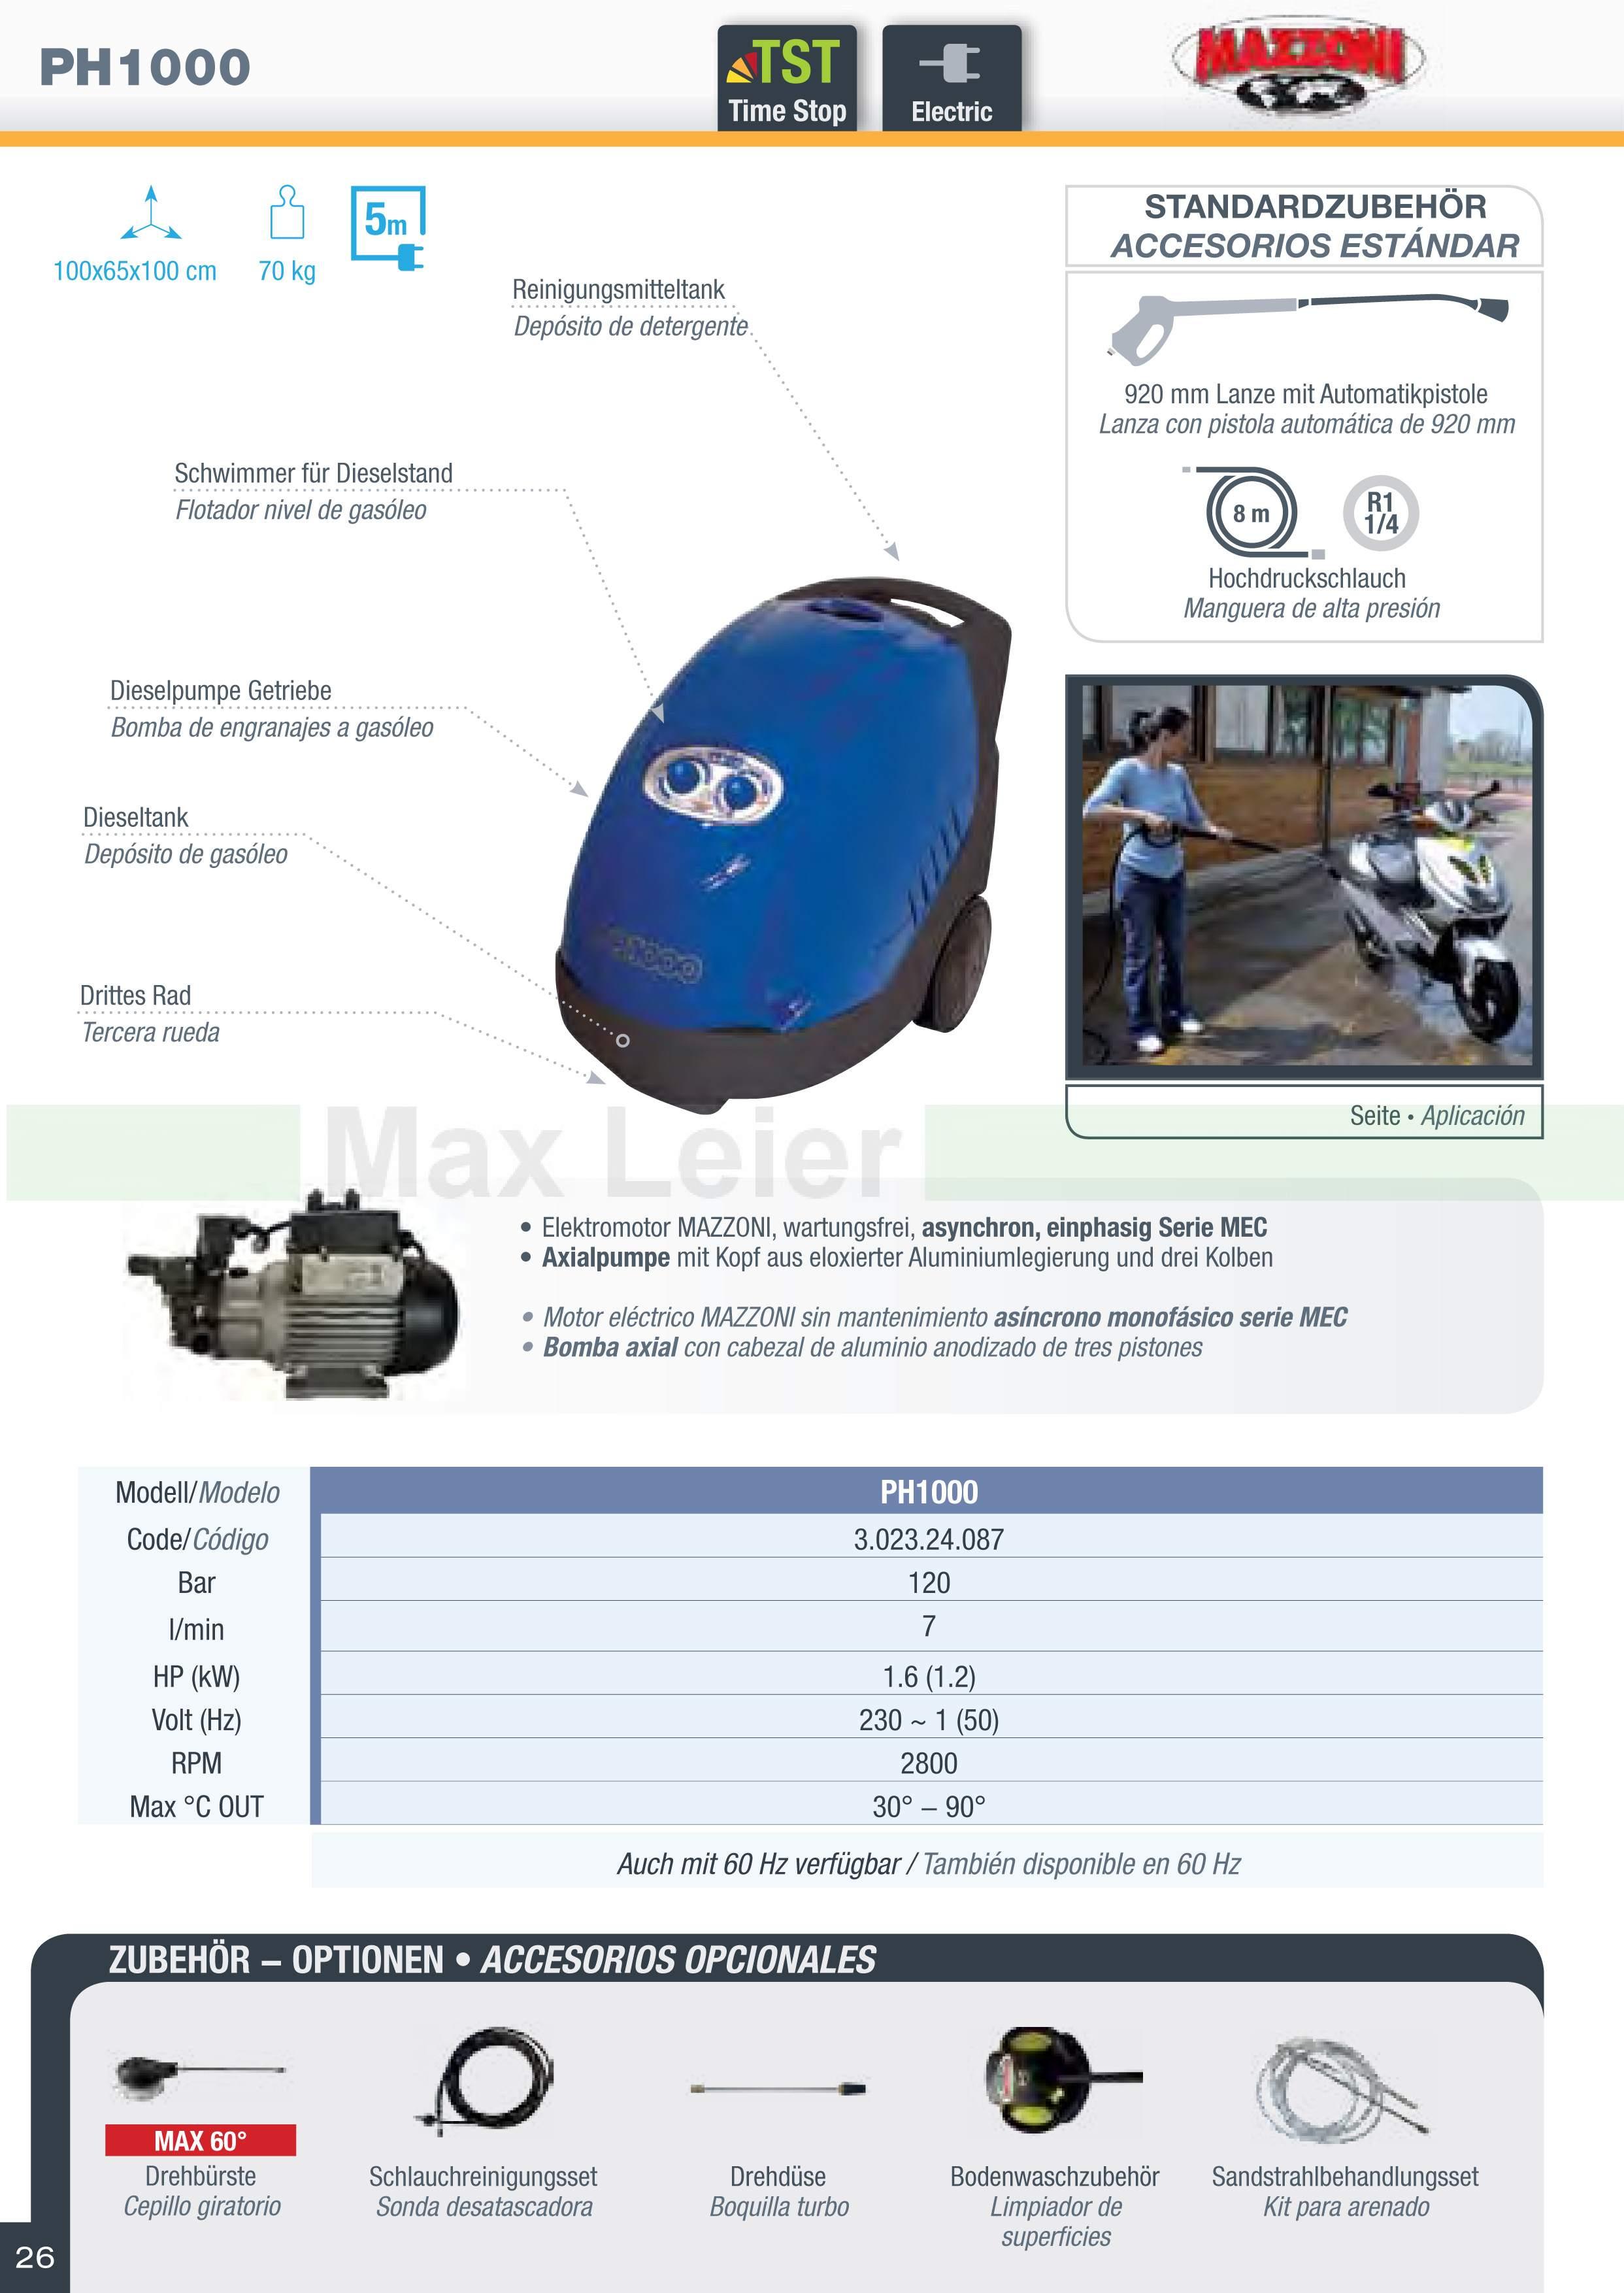 S26-Mazzoni-PH1000